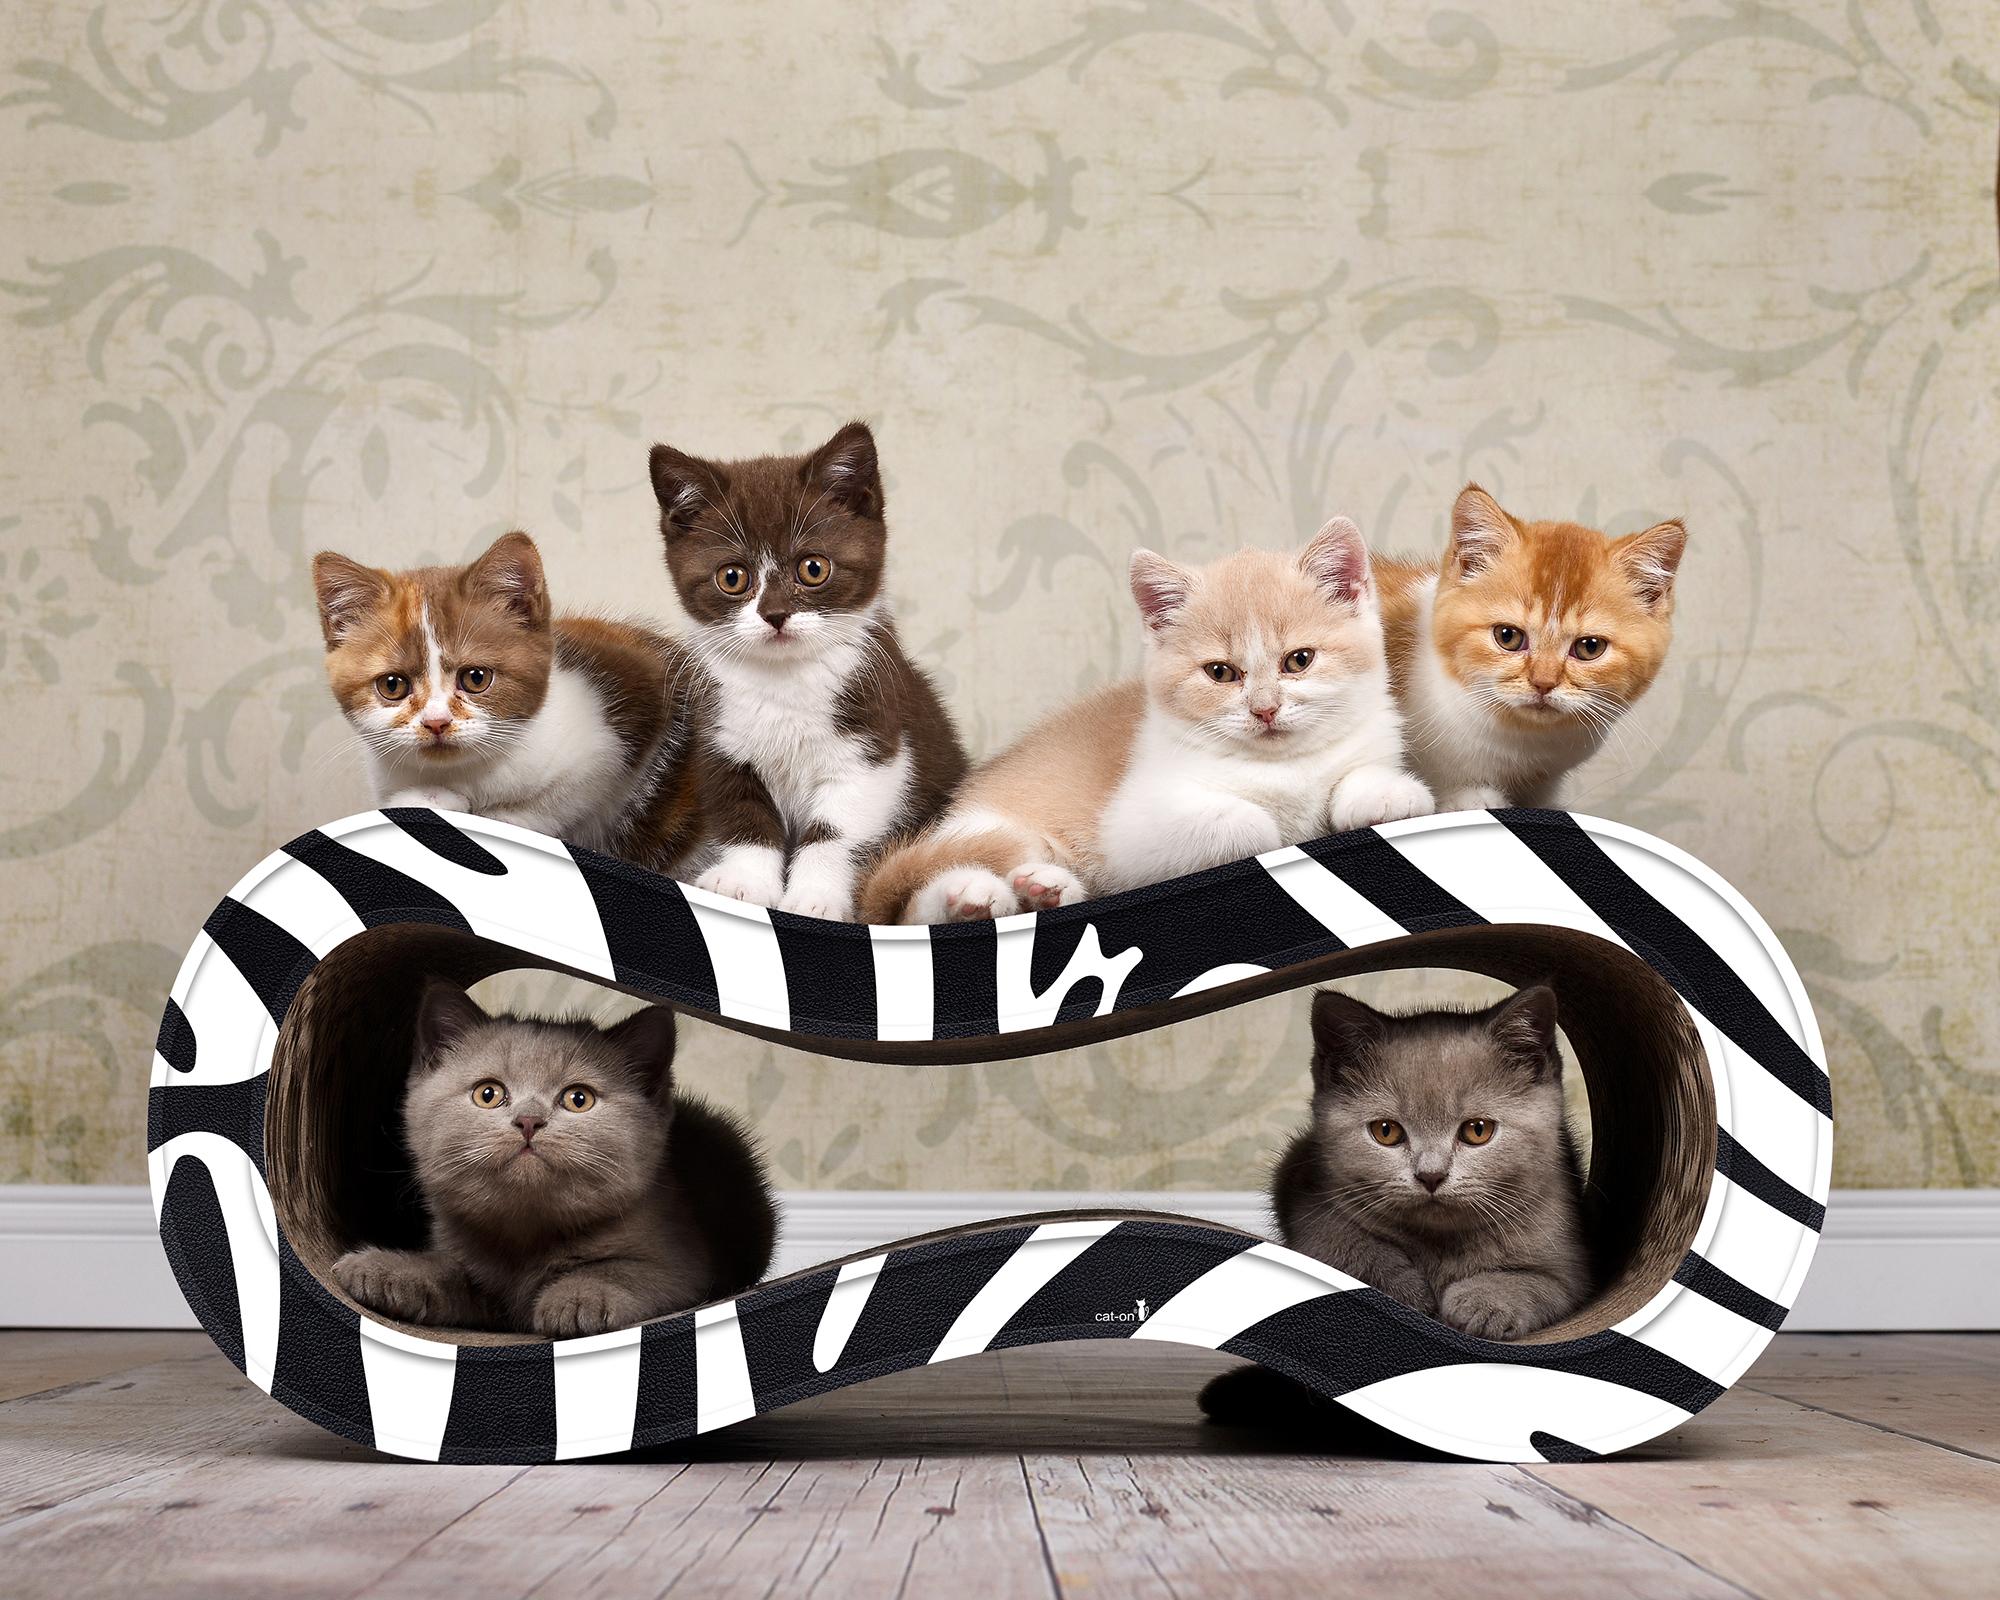 Design Kratzmöbel Für Katzen Singha M - schwarz-weisses Zebra-Muster